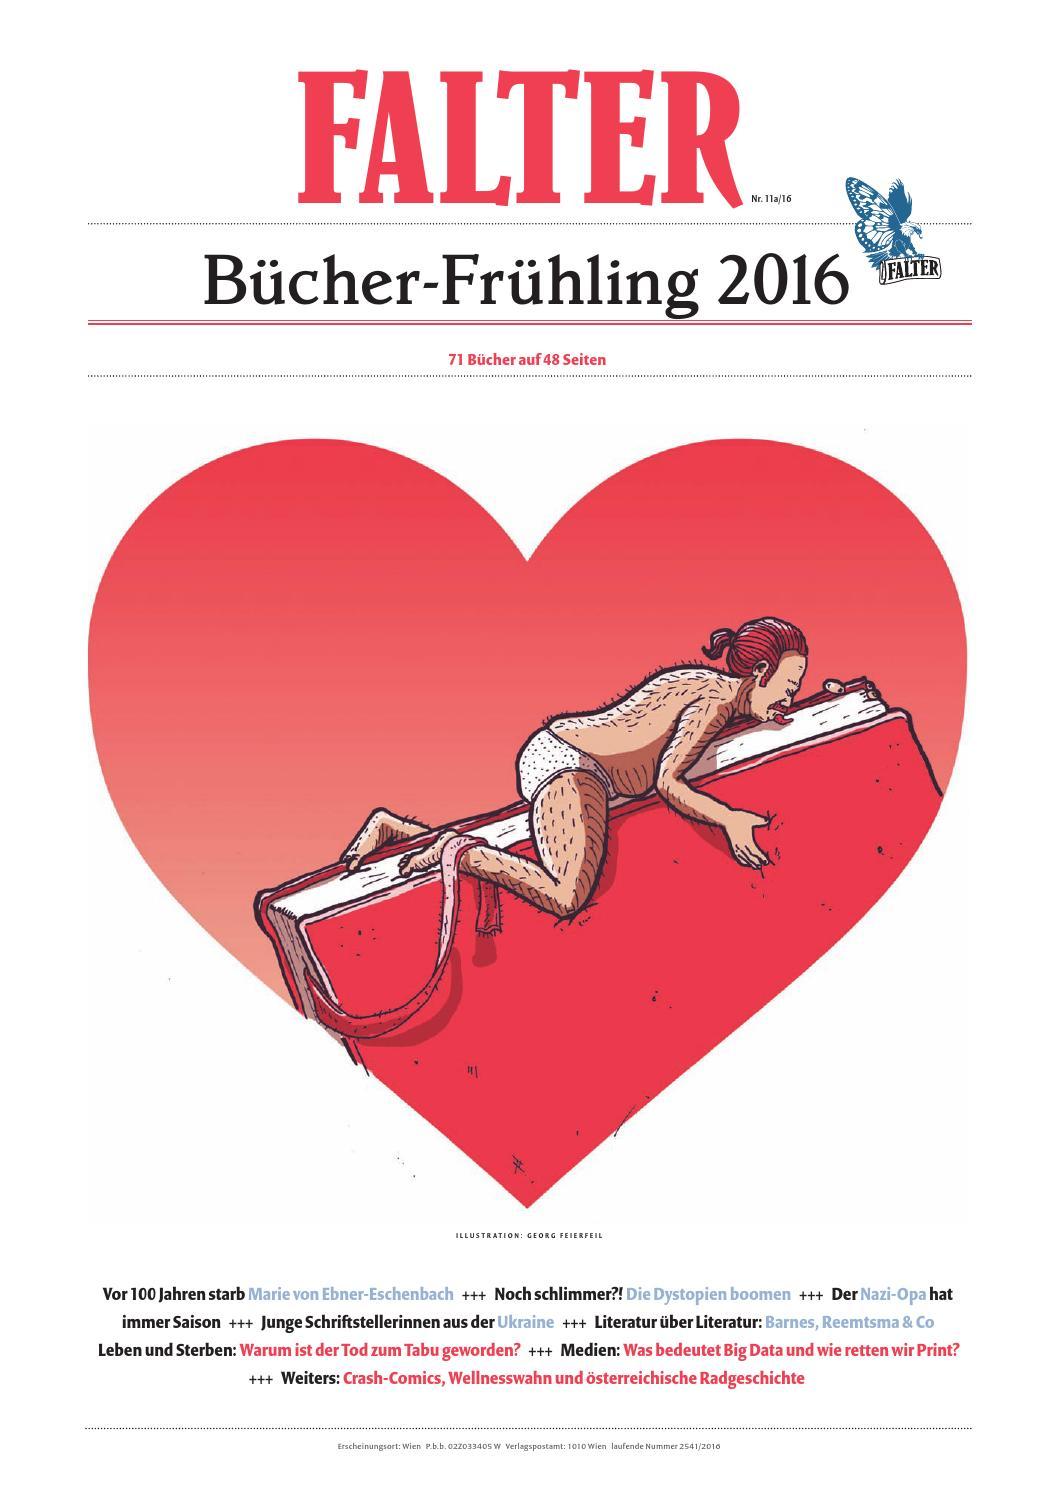 Bücher-Frühling 2016 by Falter Verlagsgesellschaft m.b.H. - issuu